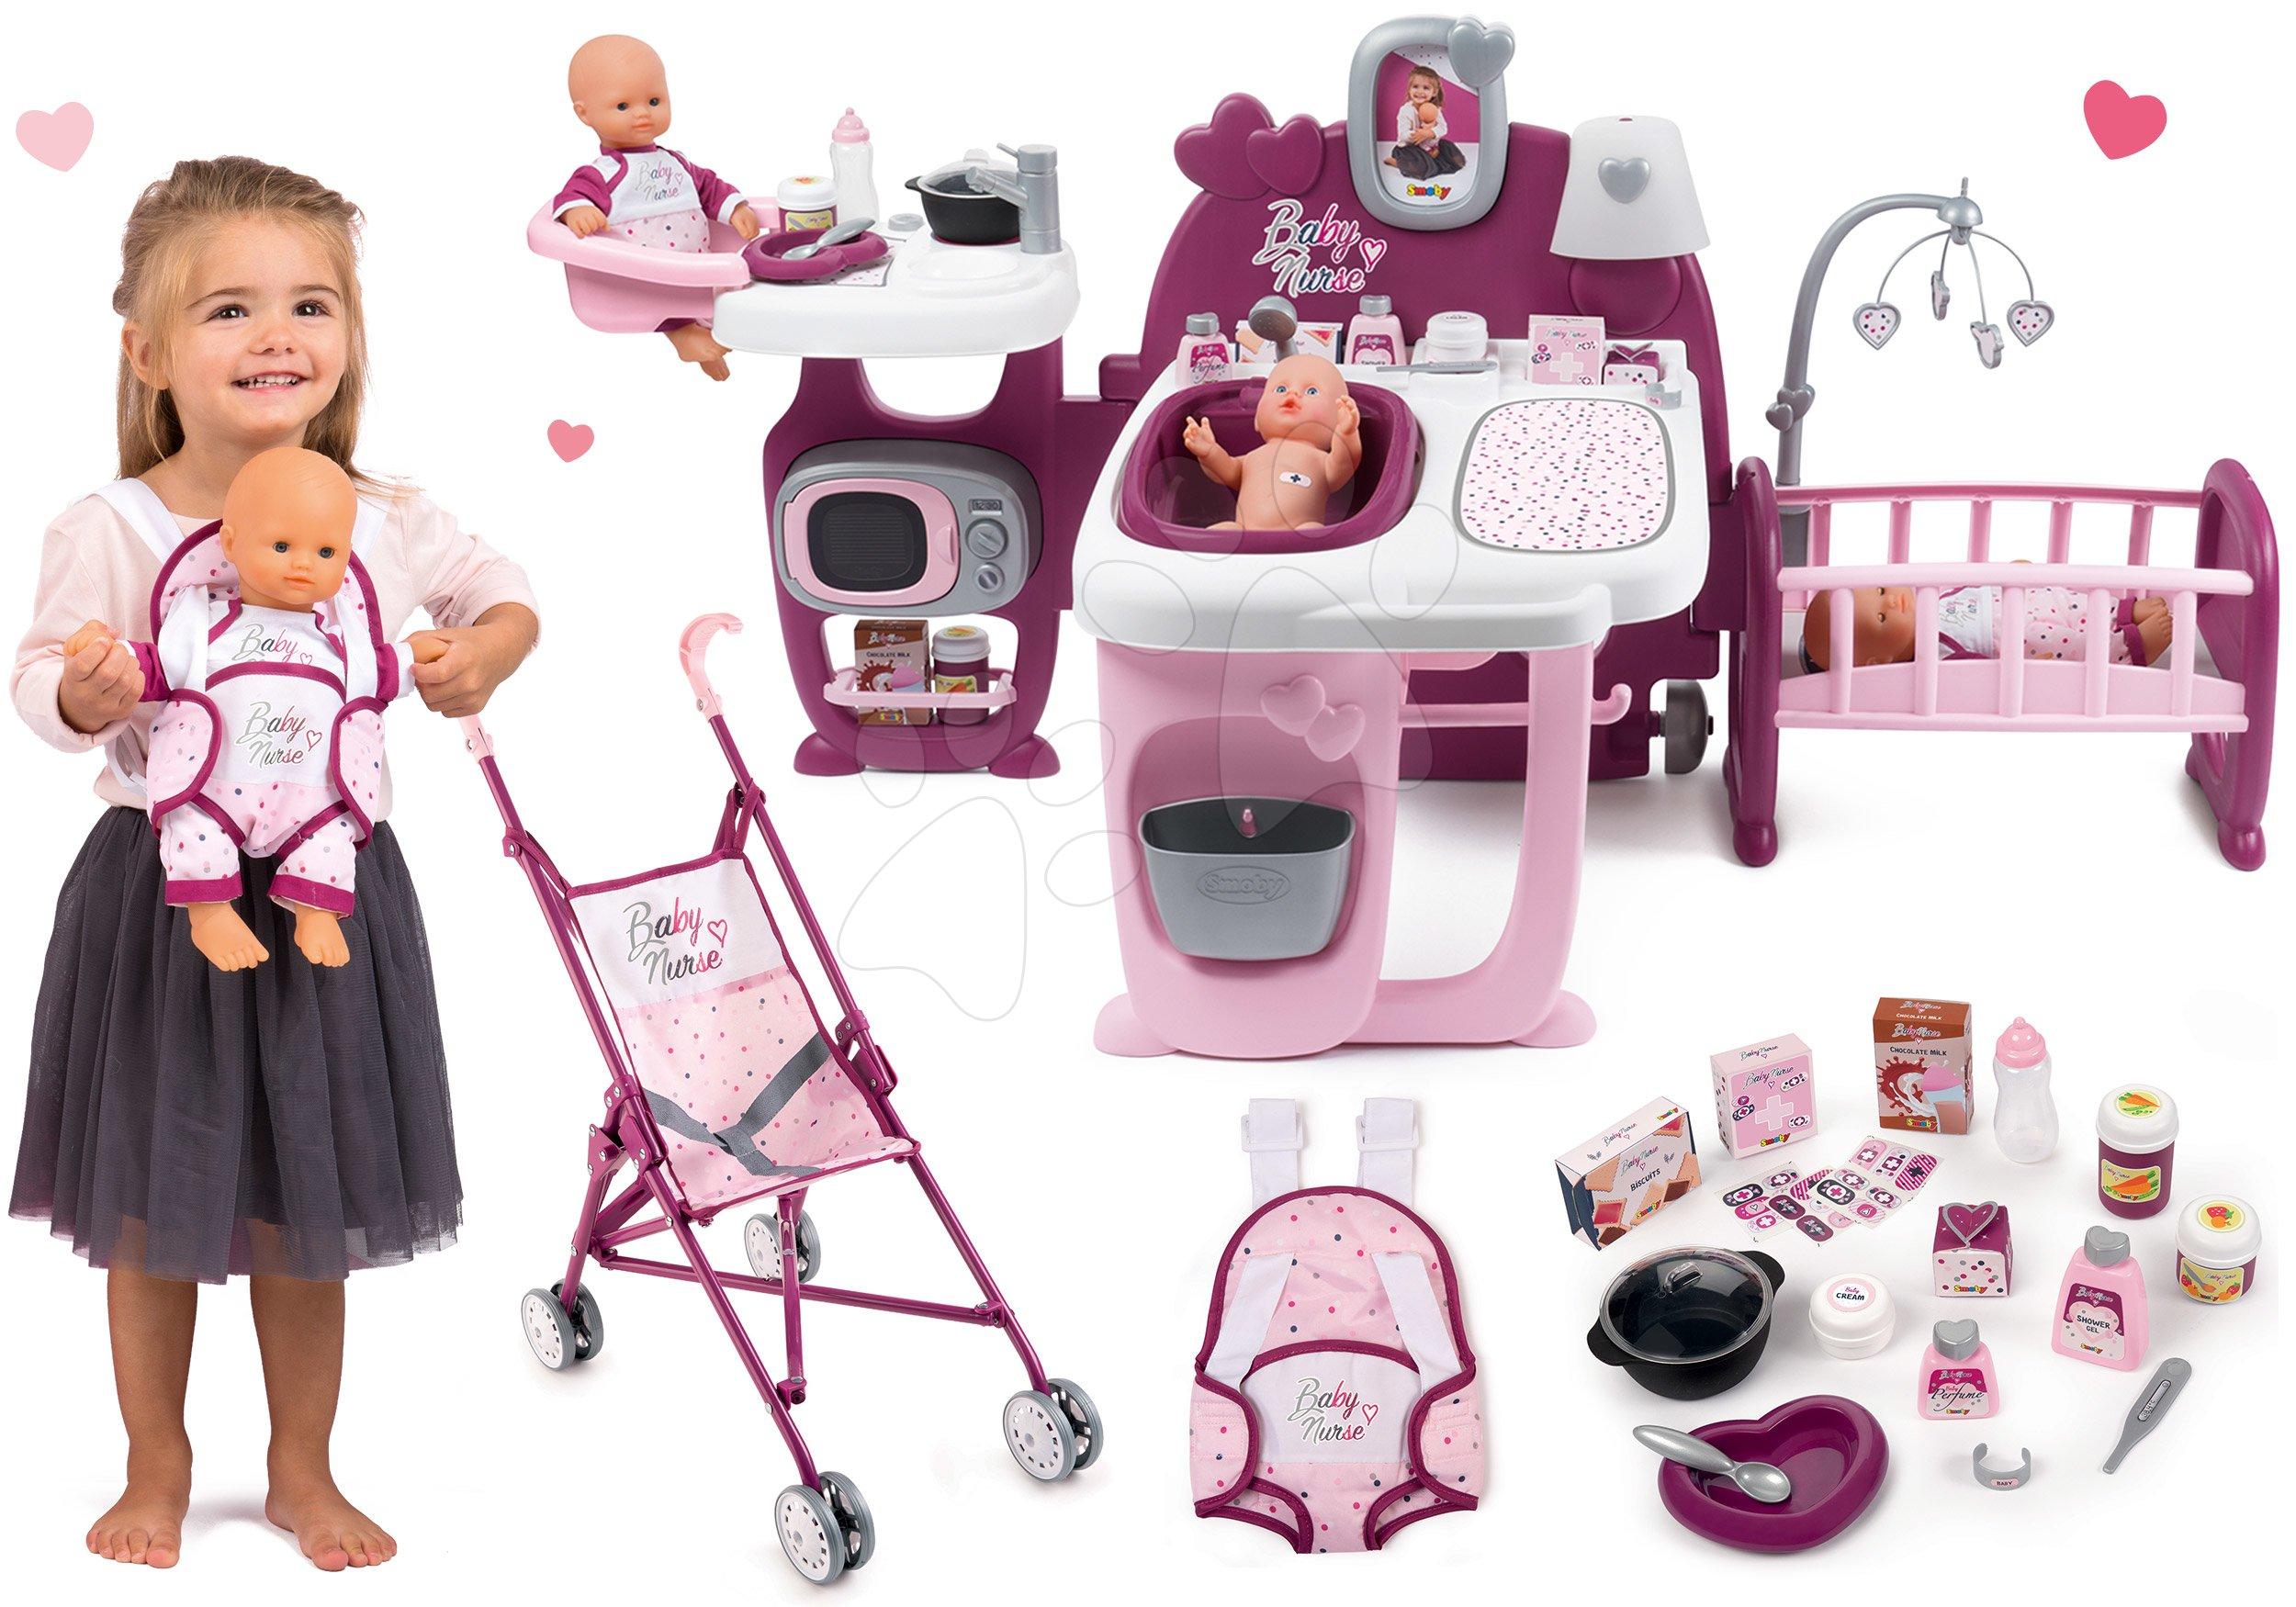 Set domeček pro panenku Violette Baby Nurse Large Doll's Play Center Smoby a kočárek golfky s panenkou a ergonomickým nosičem